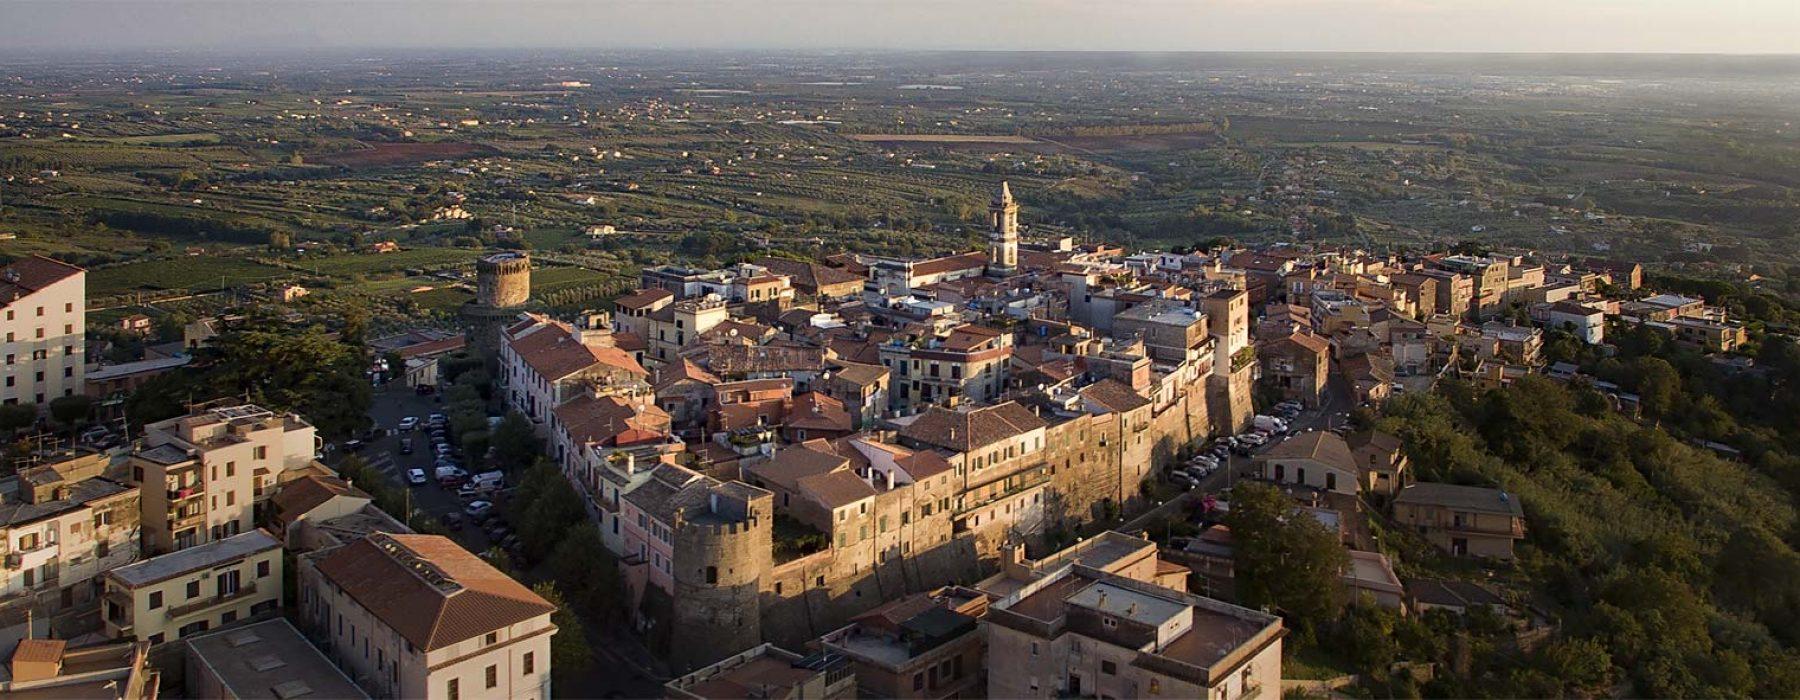 Lanuvio: perle der Castelli Romani, zwischen geschichte und legende